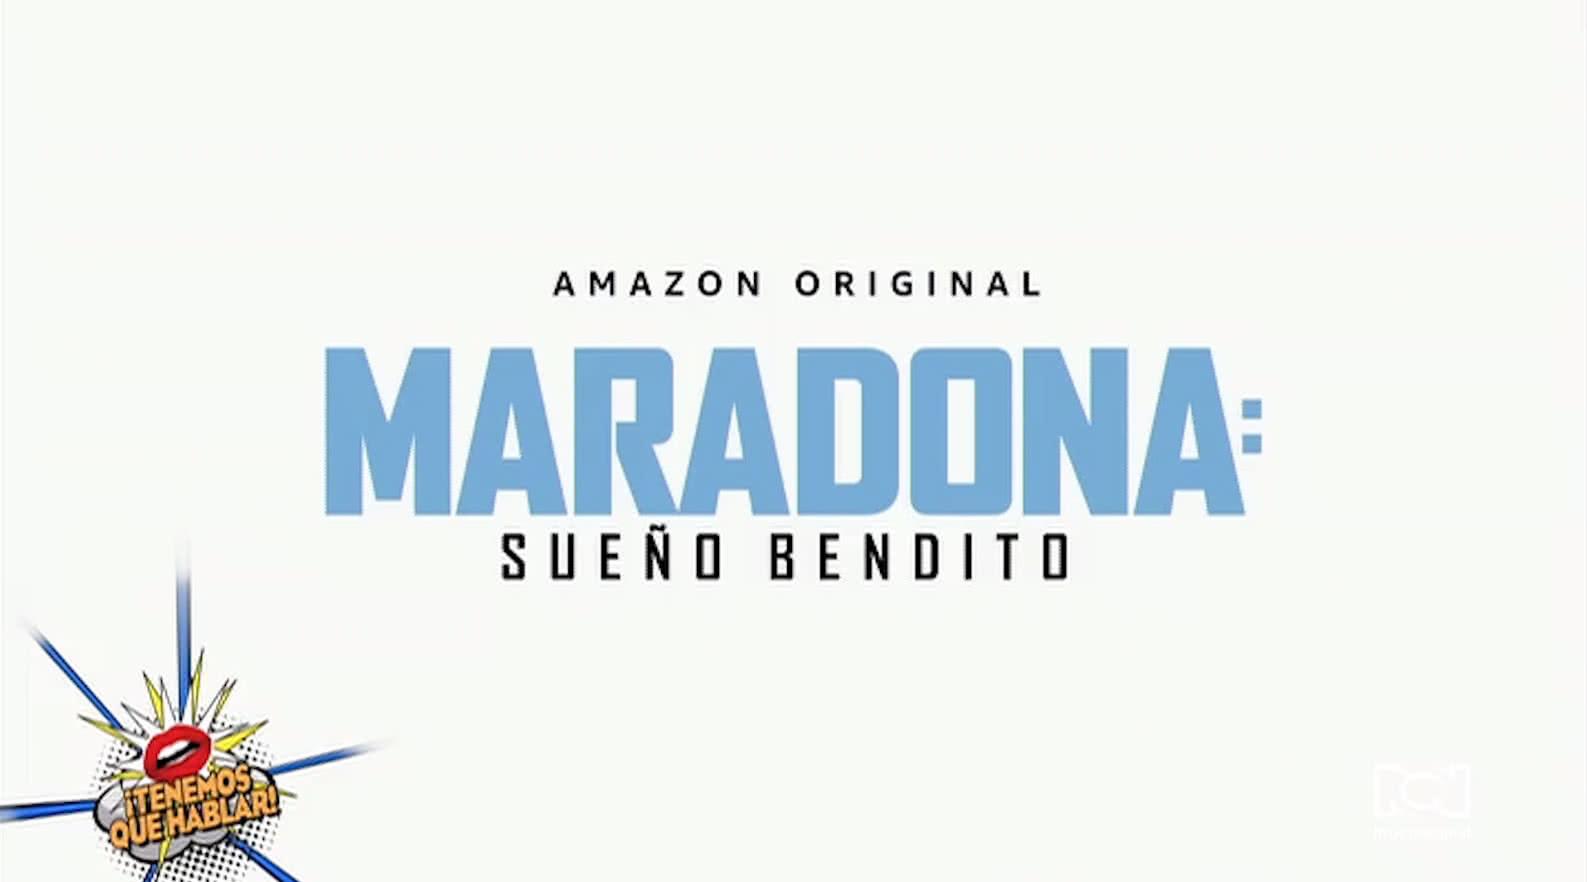 """Amazon Prime Video publicó el primer adelanto de la serie """"Maradona: Sueño bendito"""""""